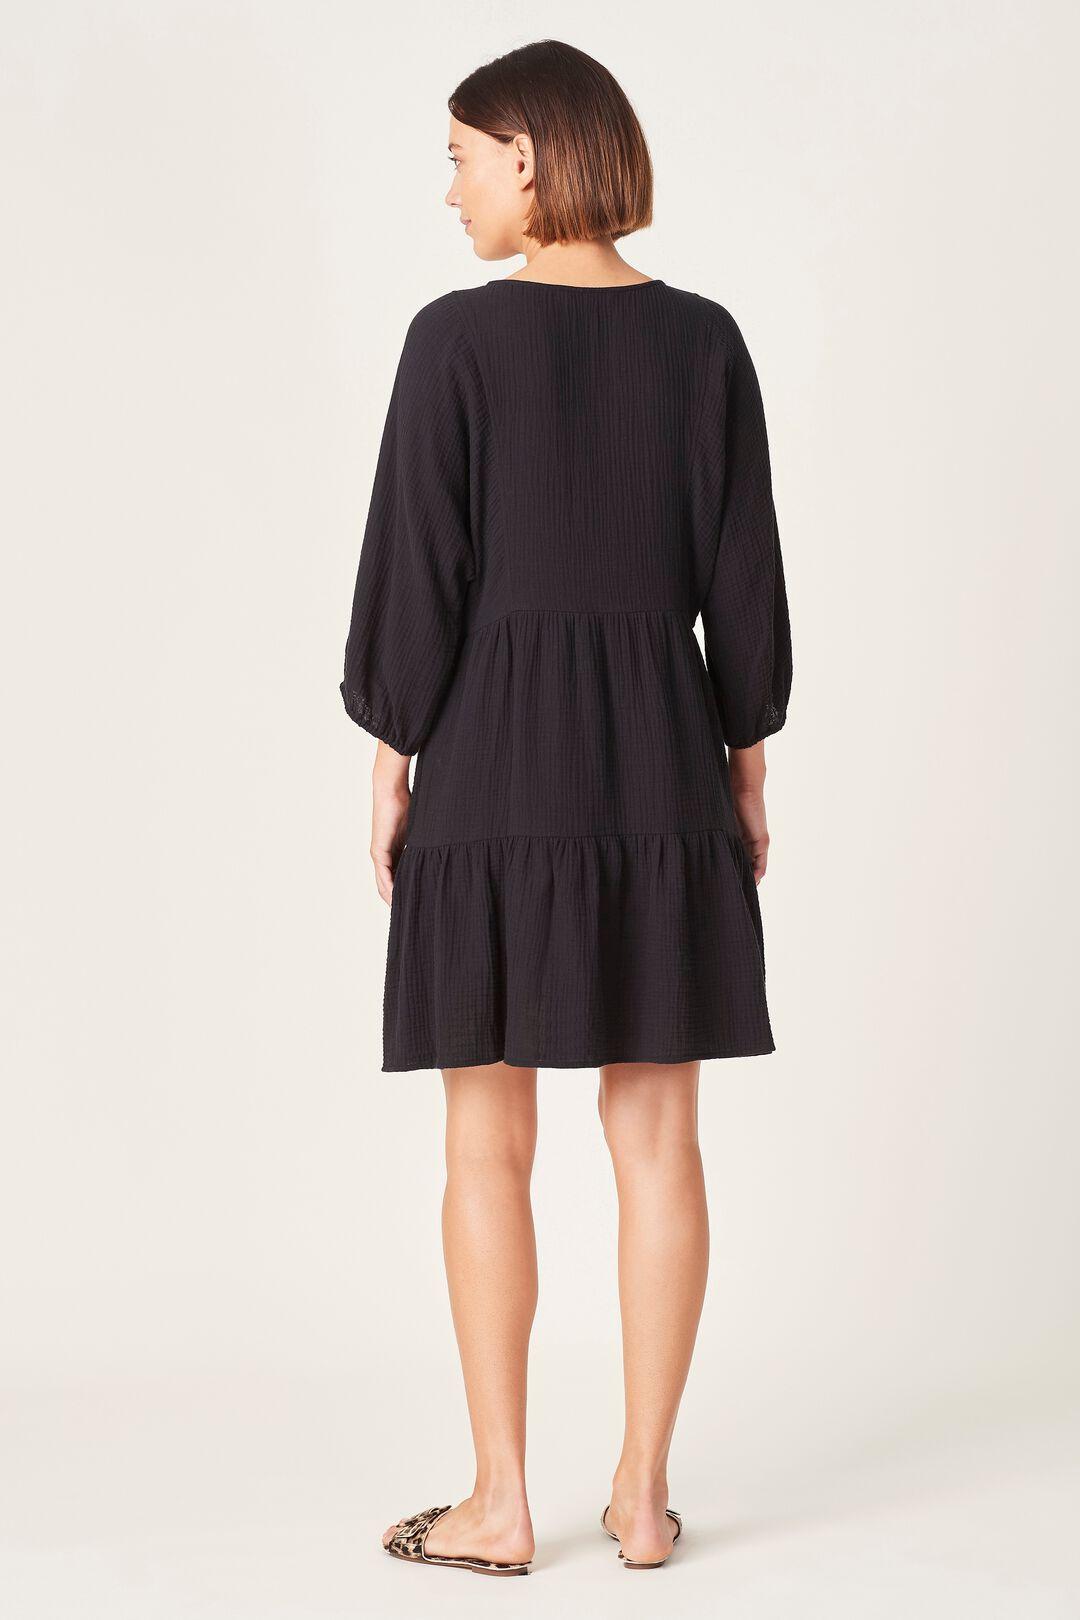 COTTON CRINKLE V-NECK DRESS  BLACK  hi-res